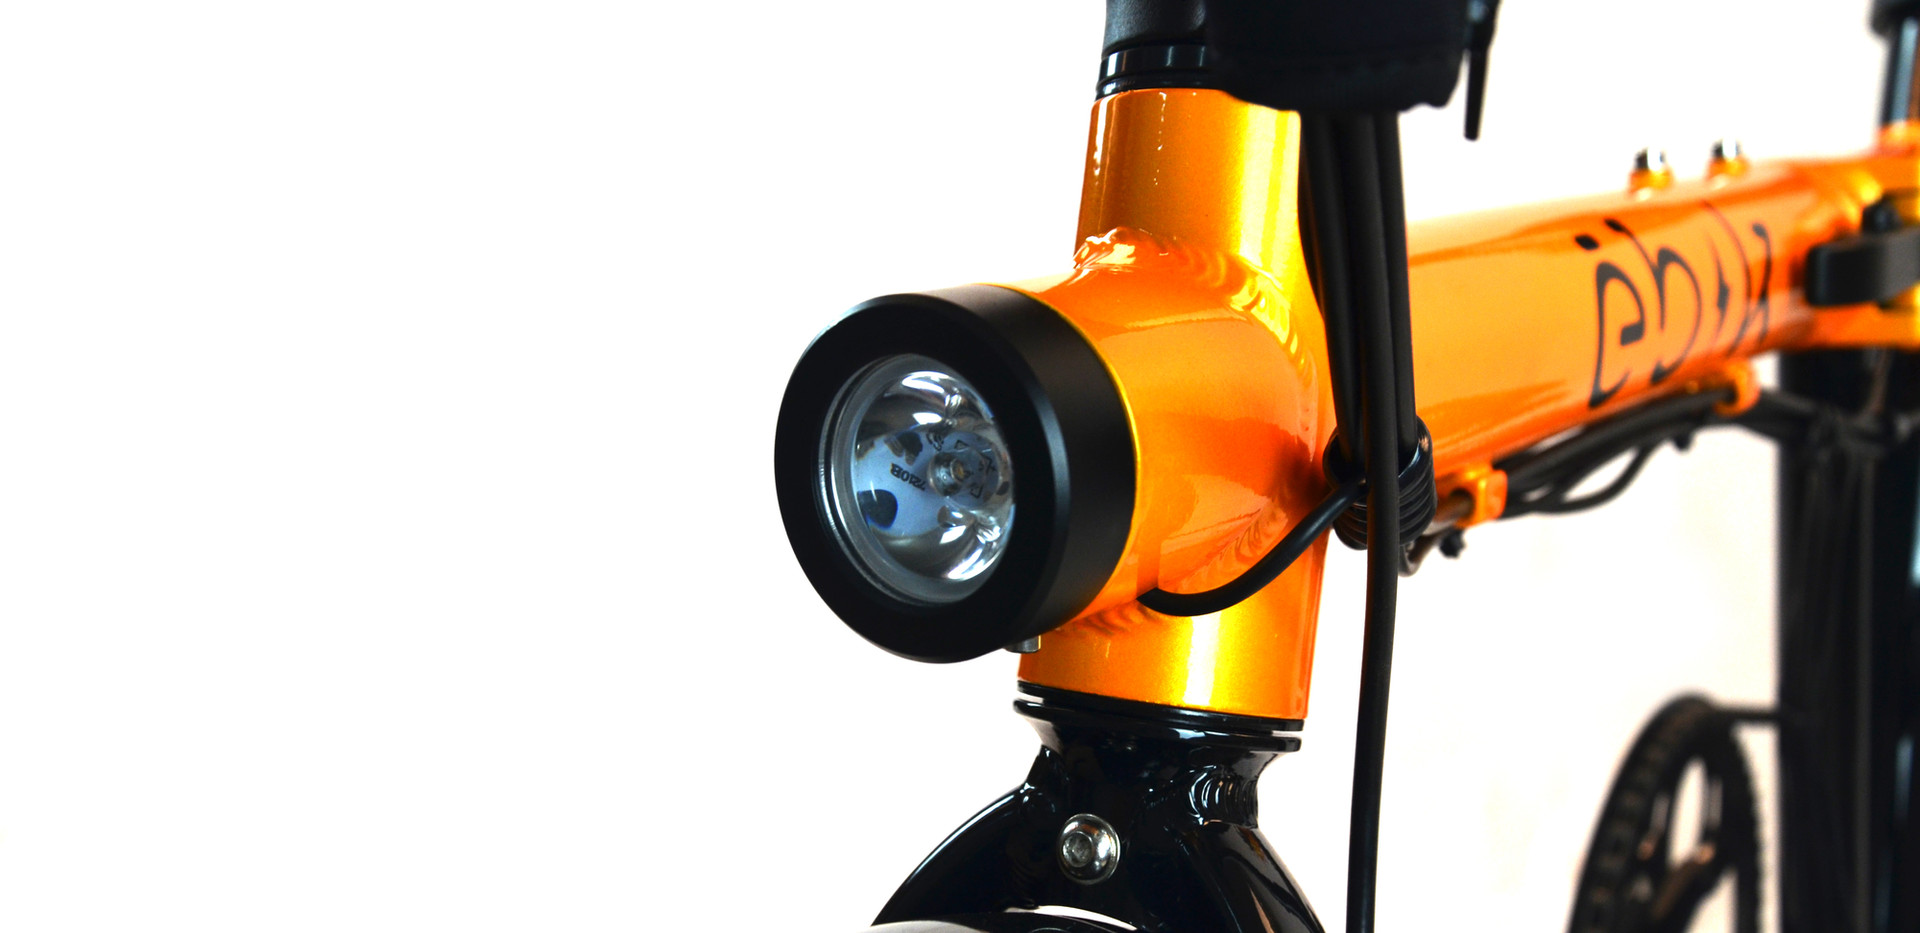 Ebik Mini Front Light